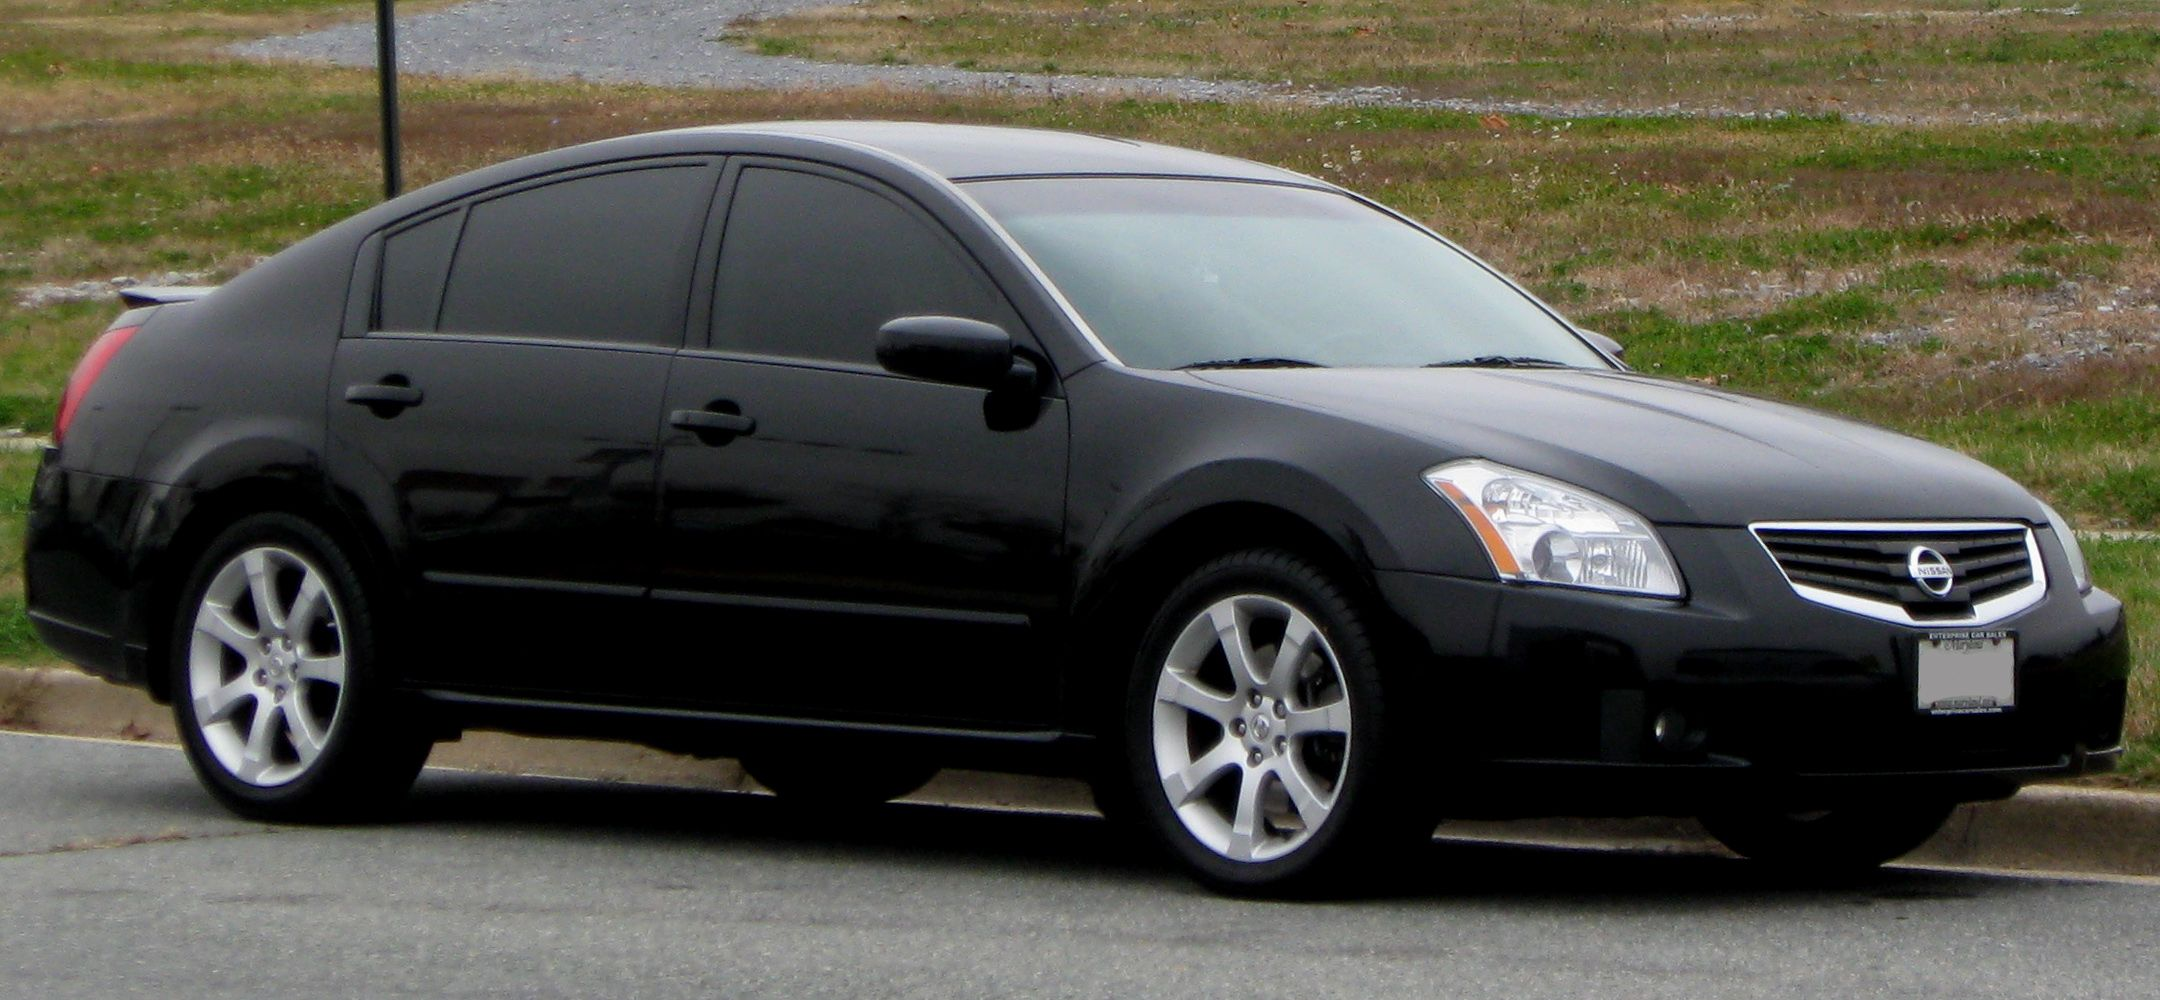 2007 Nissan Maxima 3.5 Se   Google Search